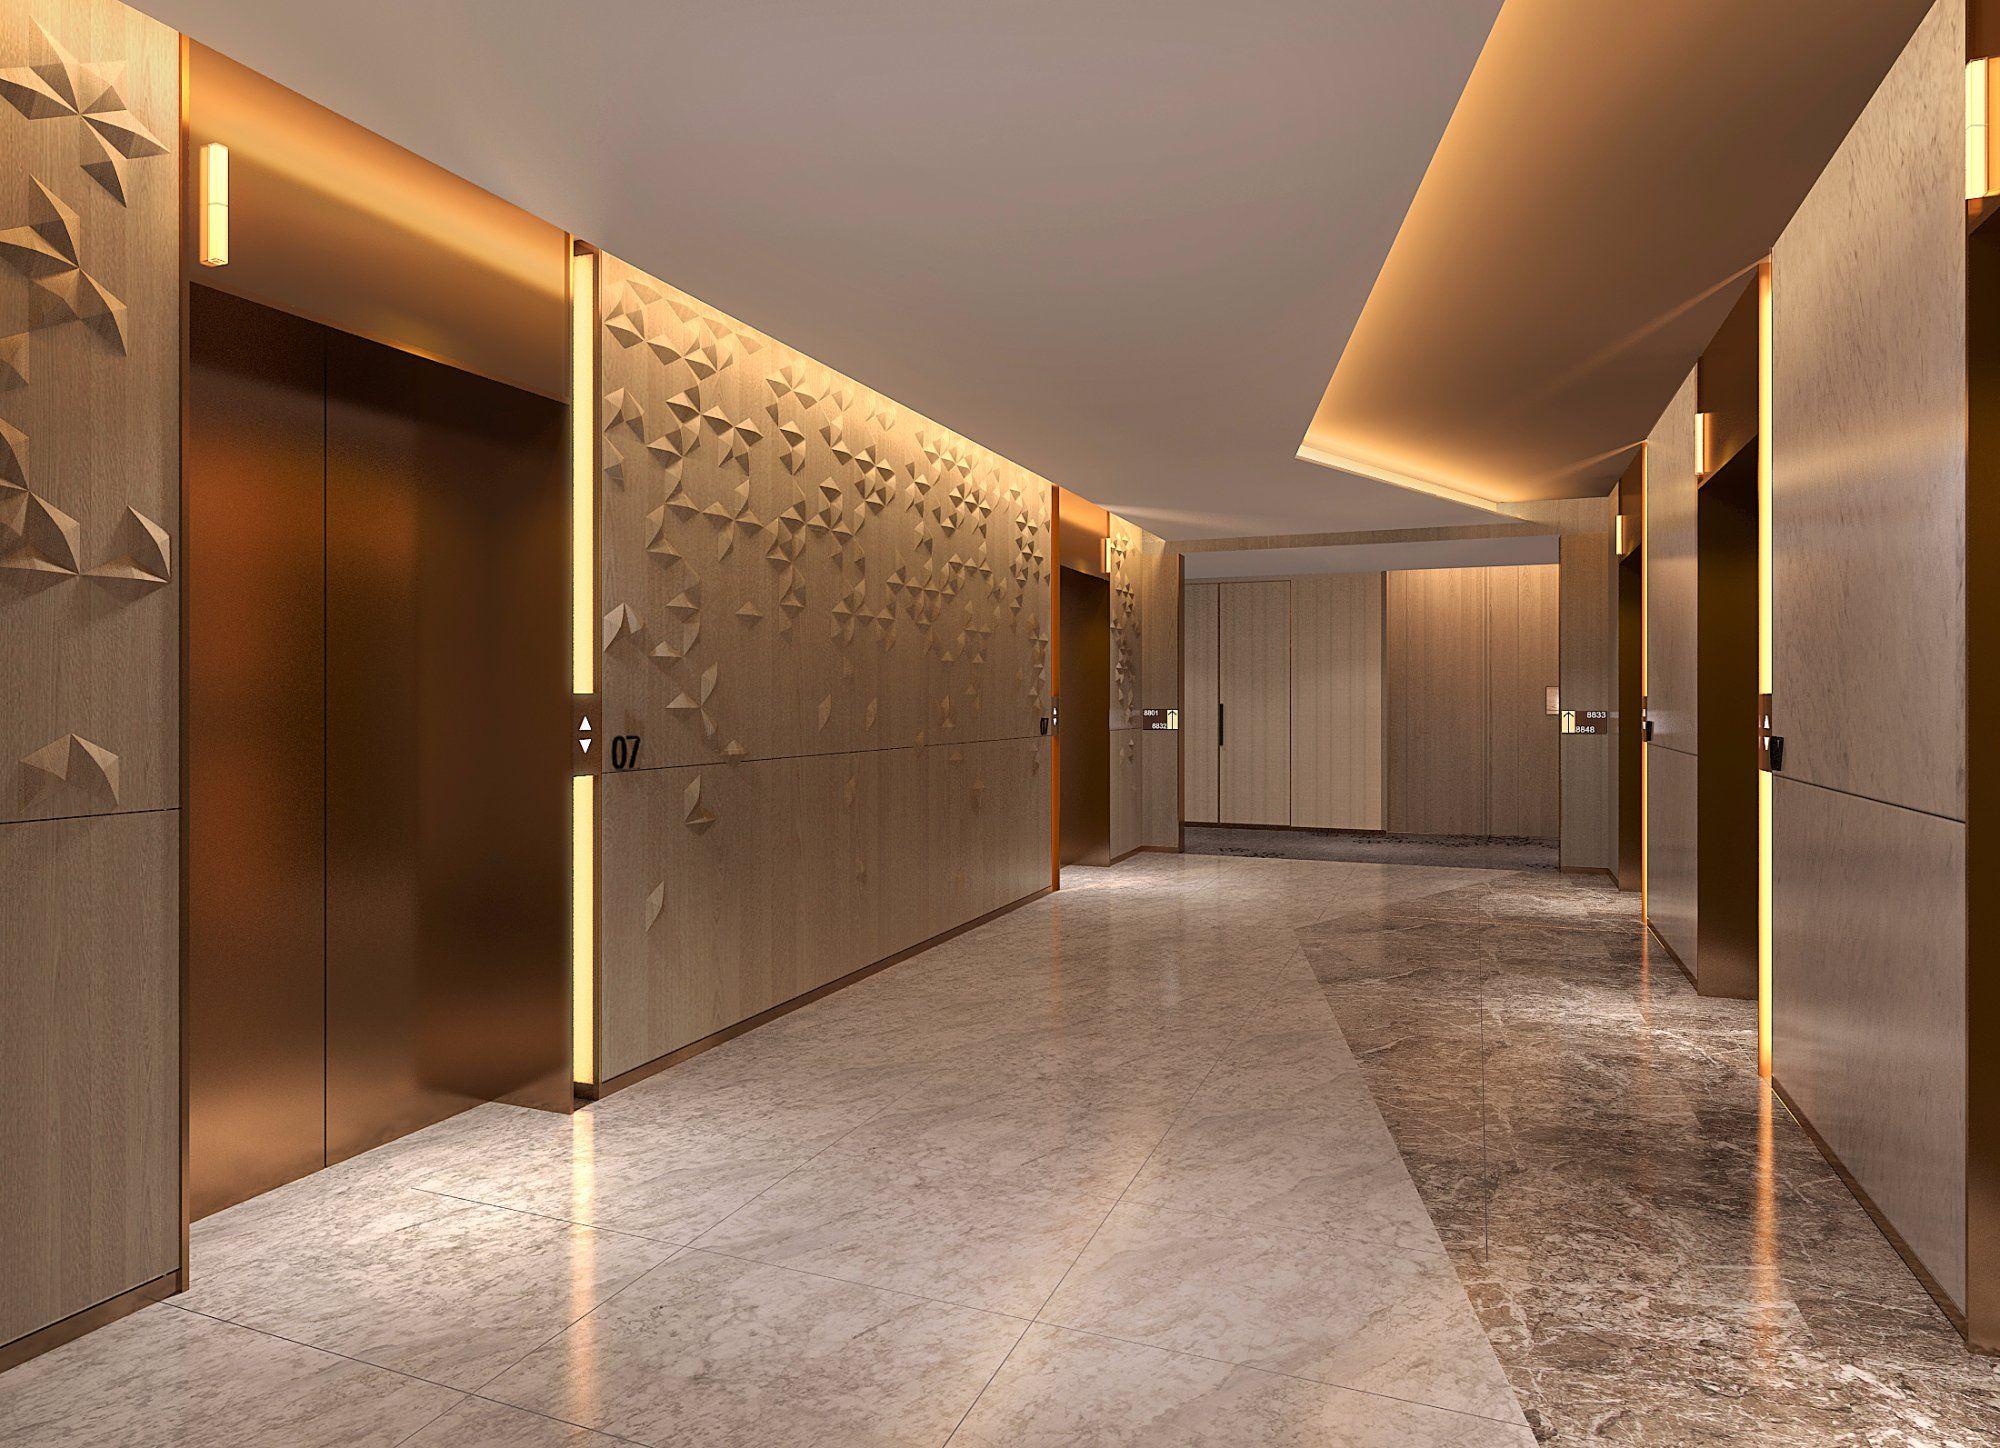 هتل شانگهای سیتی اینترنشنال هاستل